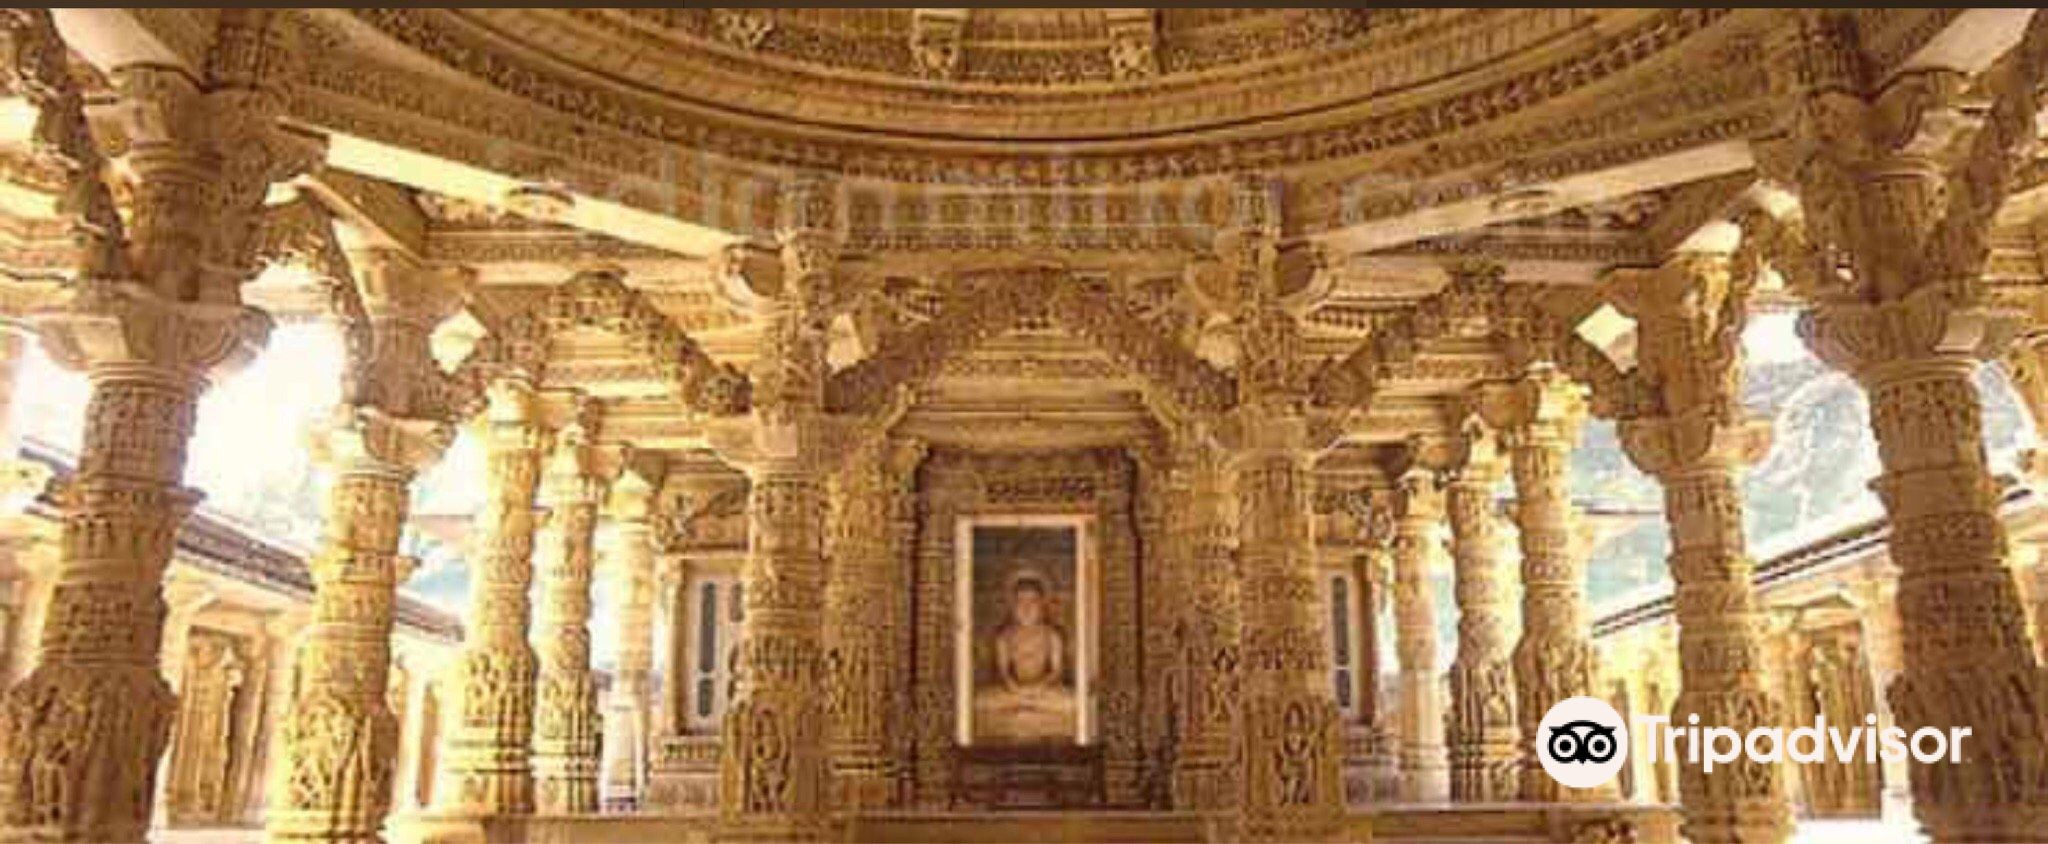 迪爾瓦拉寺廟群